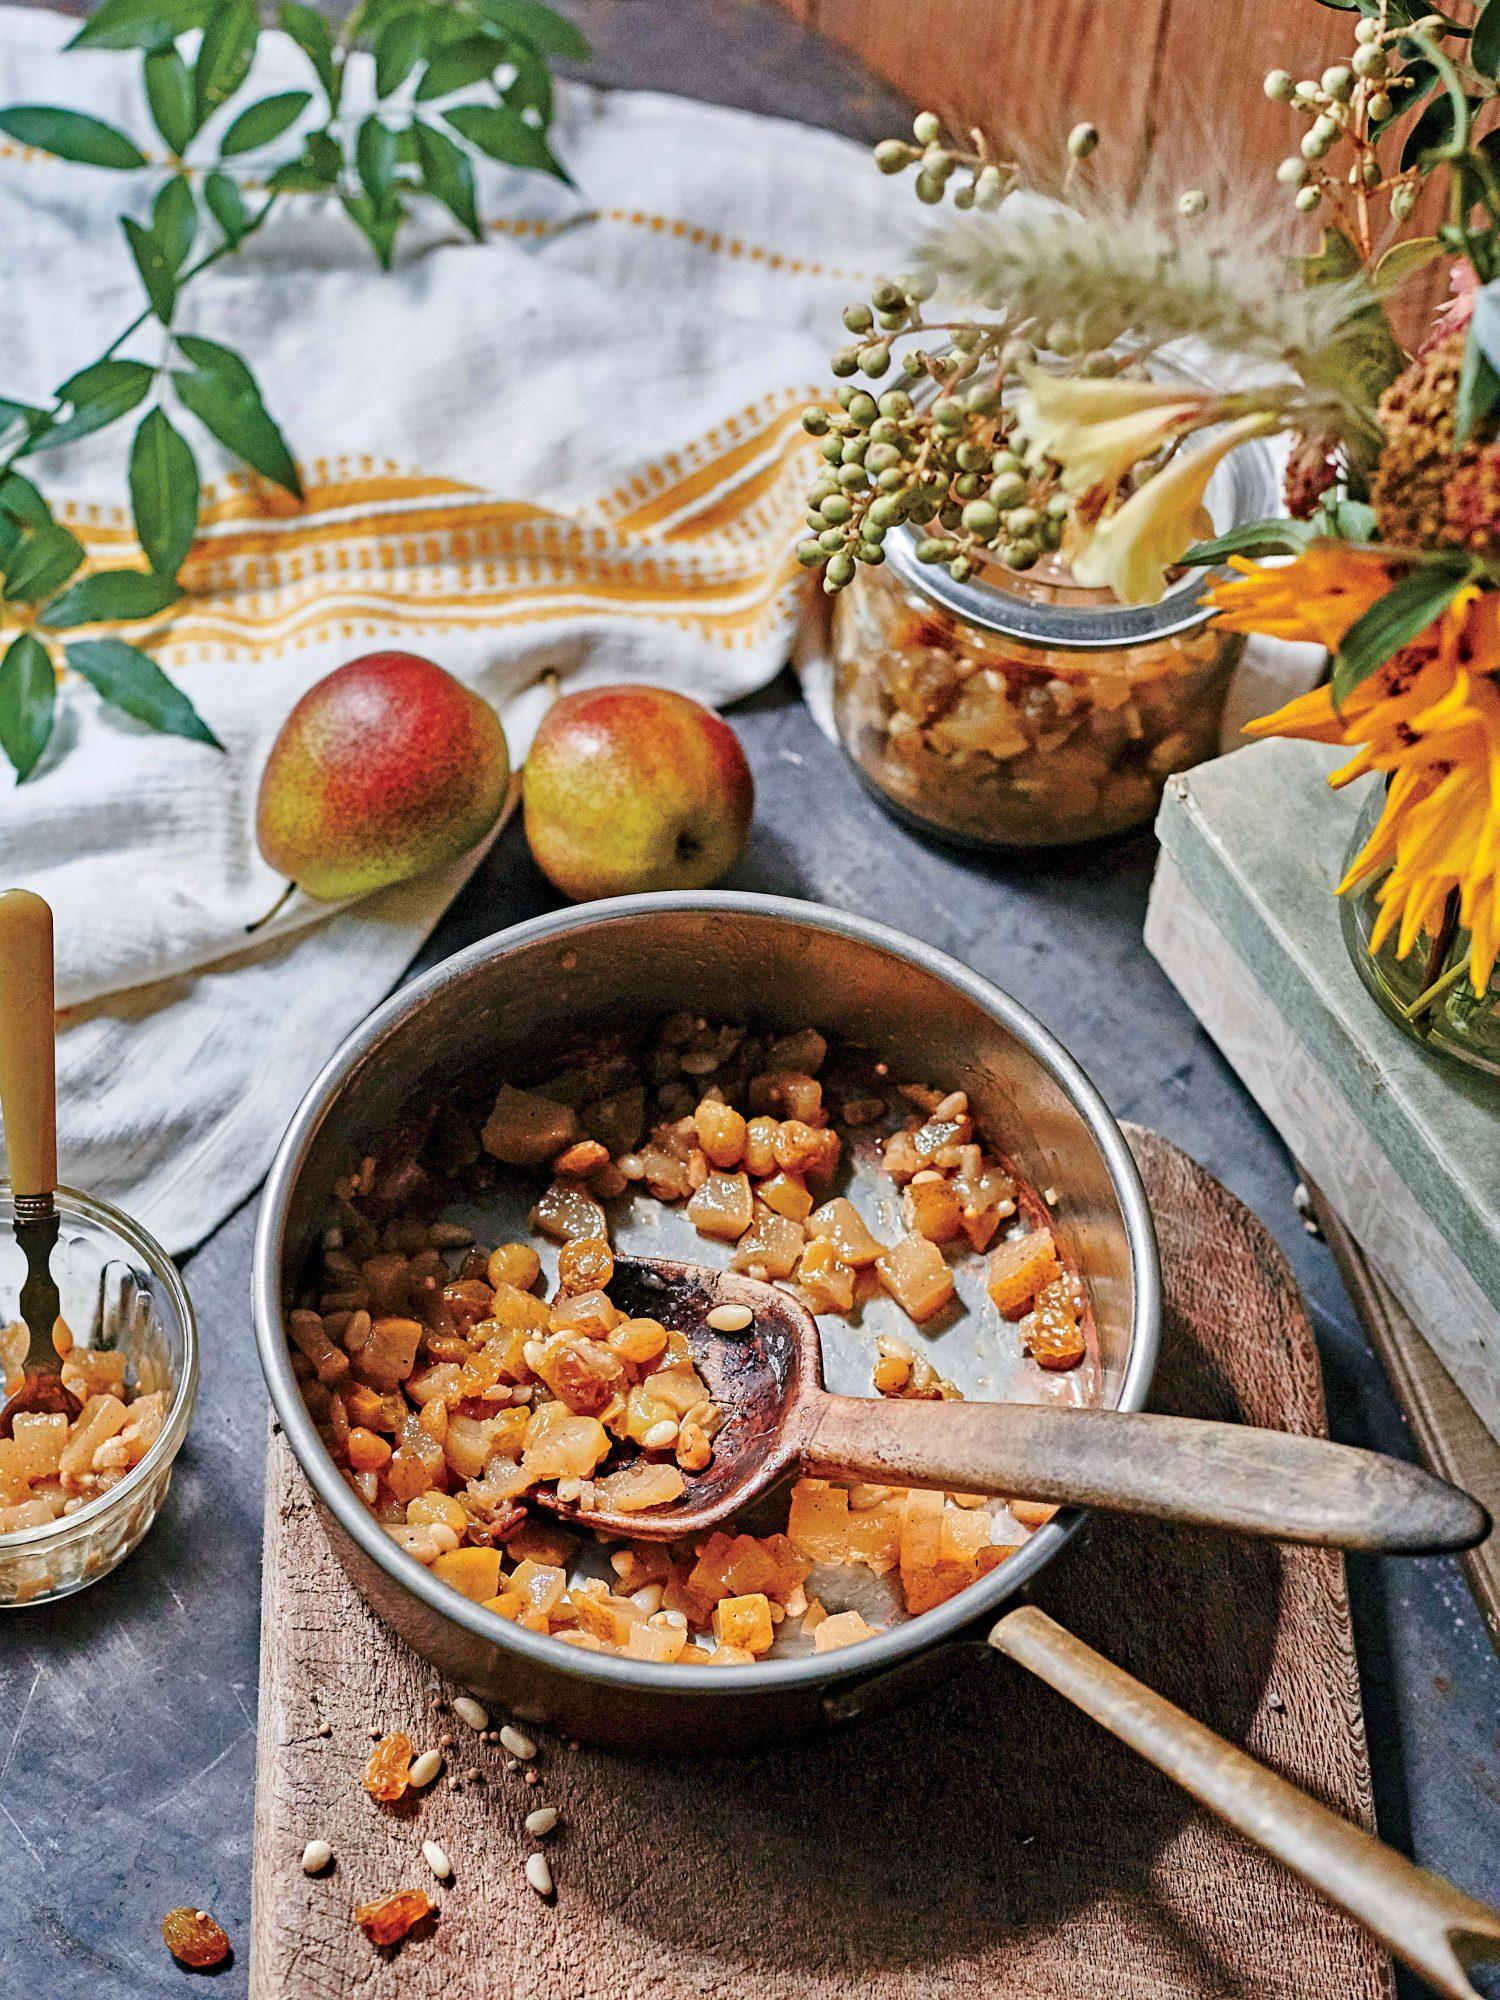 Pear and Golden Raisin Ginger Chutney